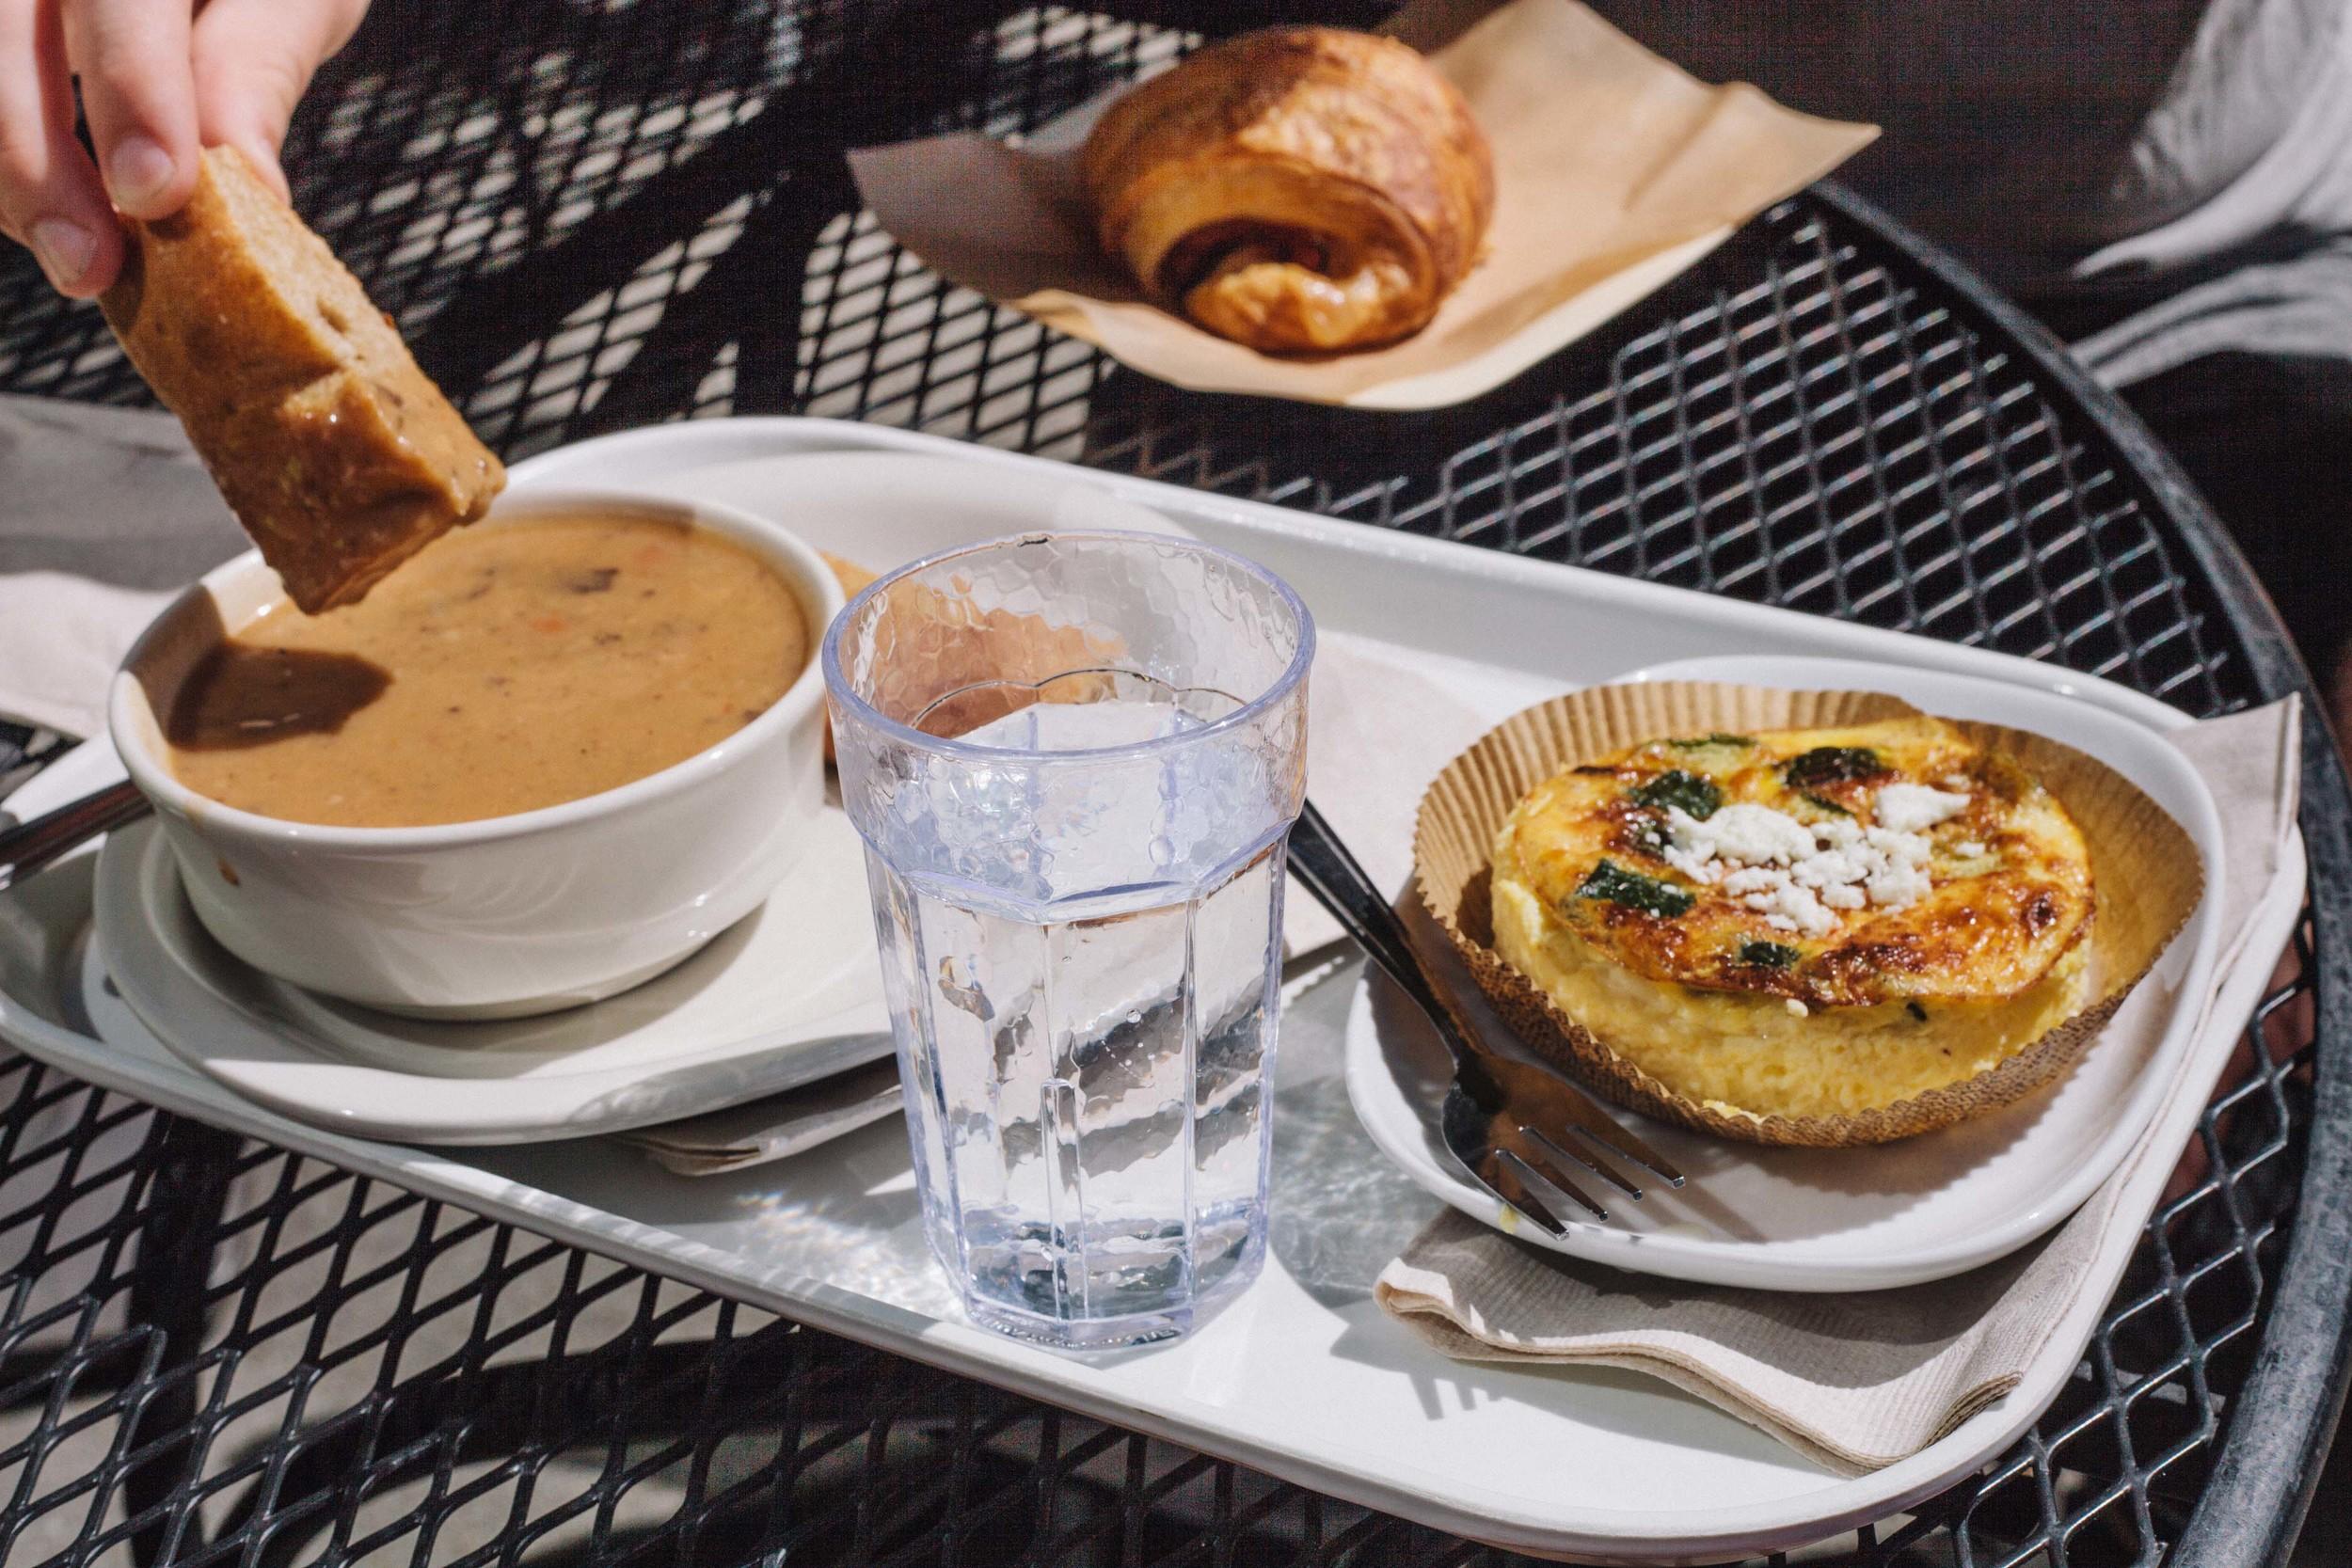 cafefood-2.jpg